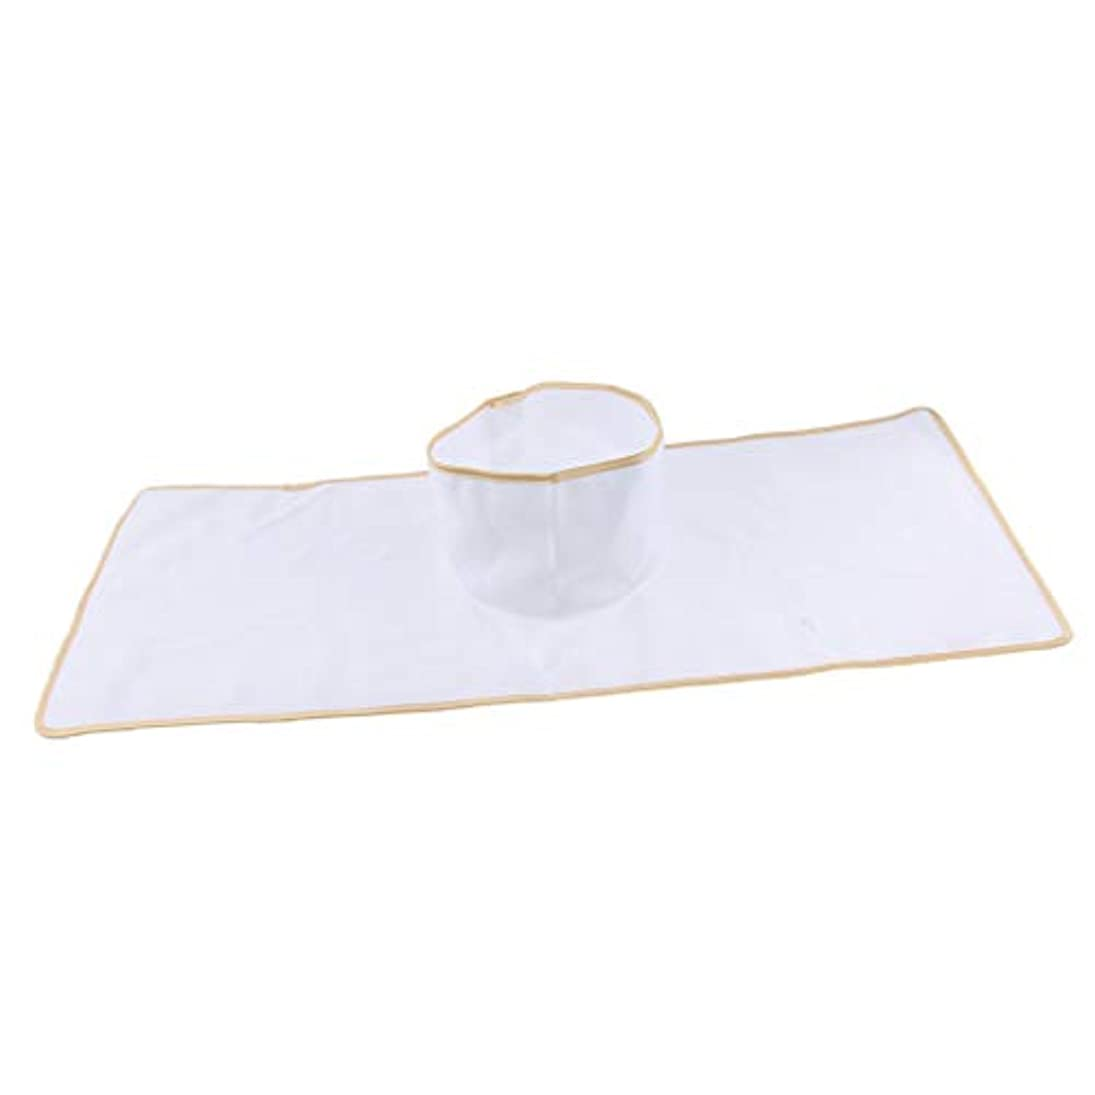 雪だるま光の失効サロン マッサージベッドシート 穴付き 衛生パッド 再使用可能 約90×35cm 全3色 - 白